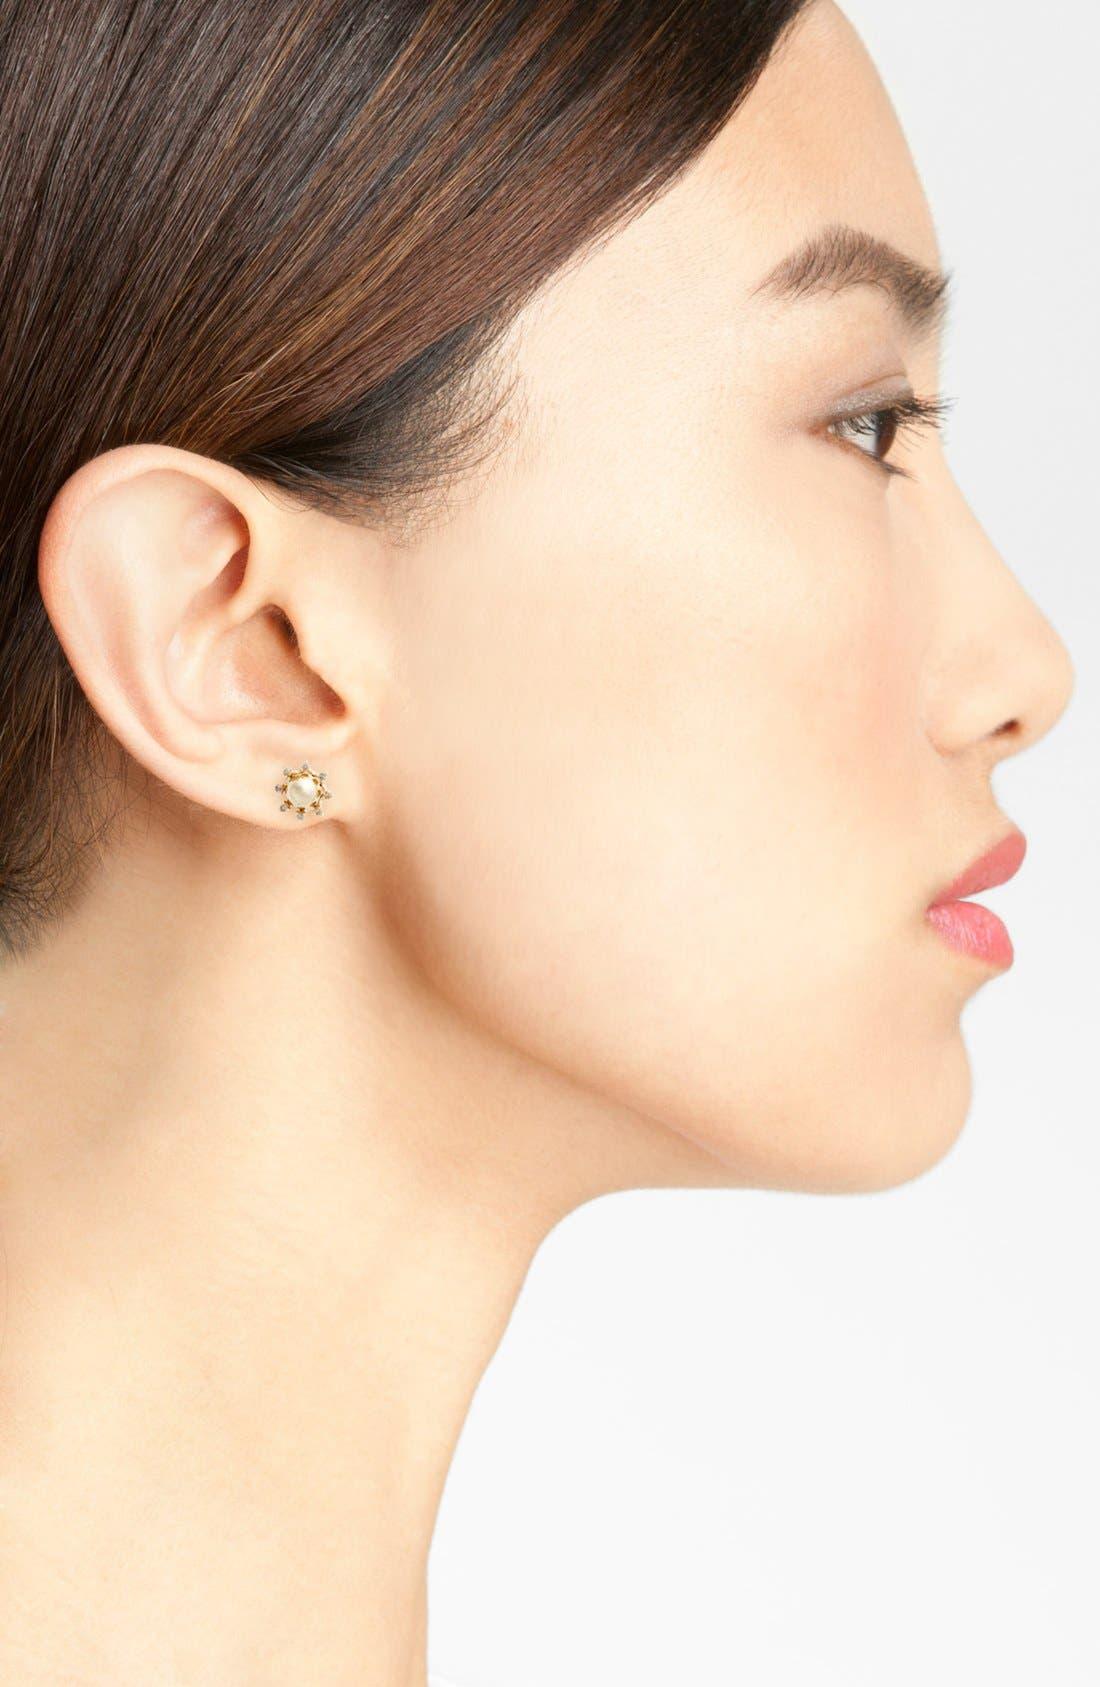 'Starlight' Champagne Diamond Stud Earrings,                             Alternate thumbnail 2, color,                             715